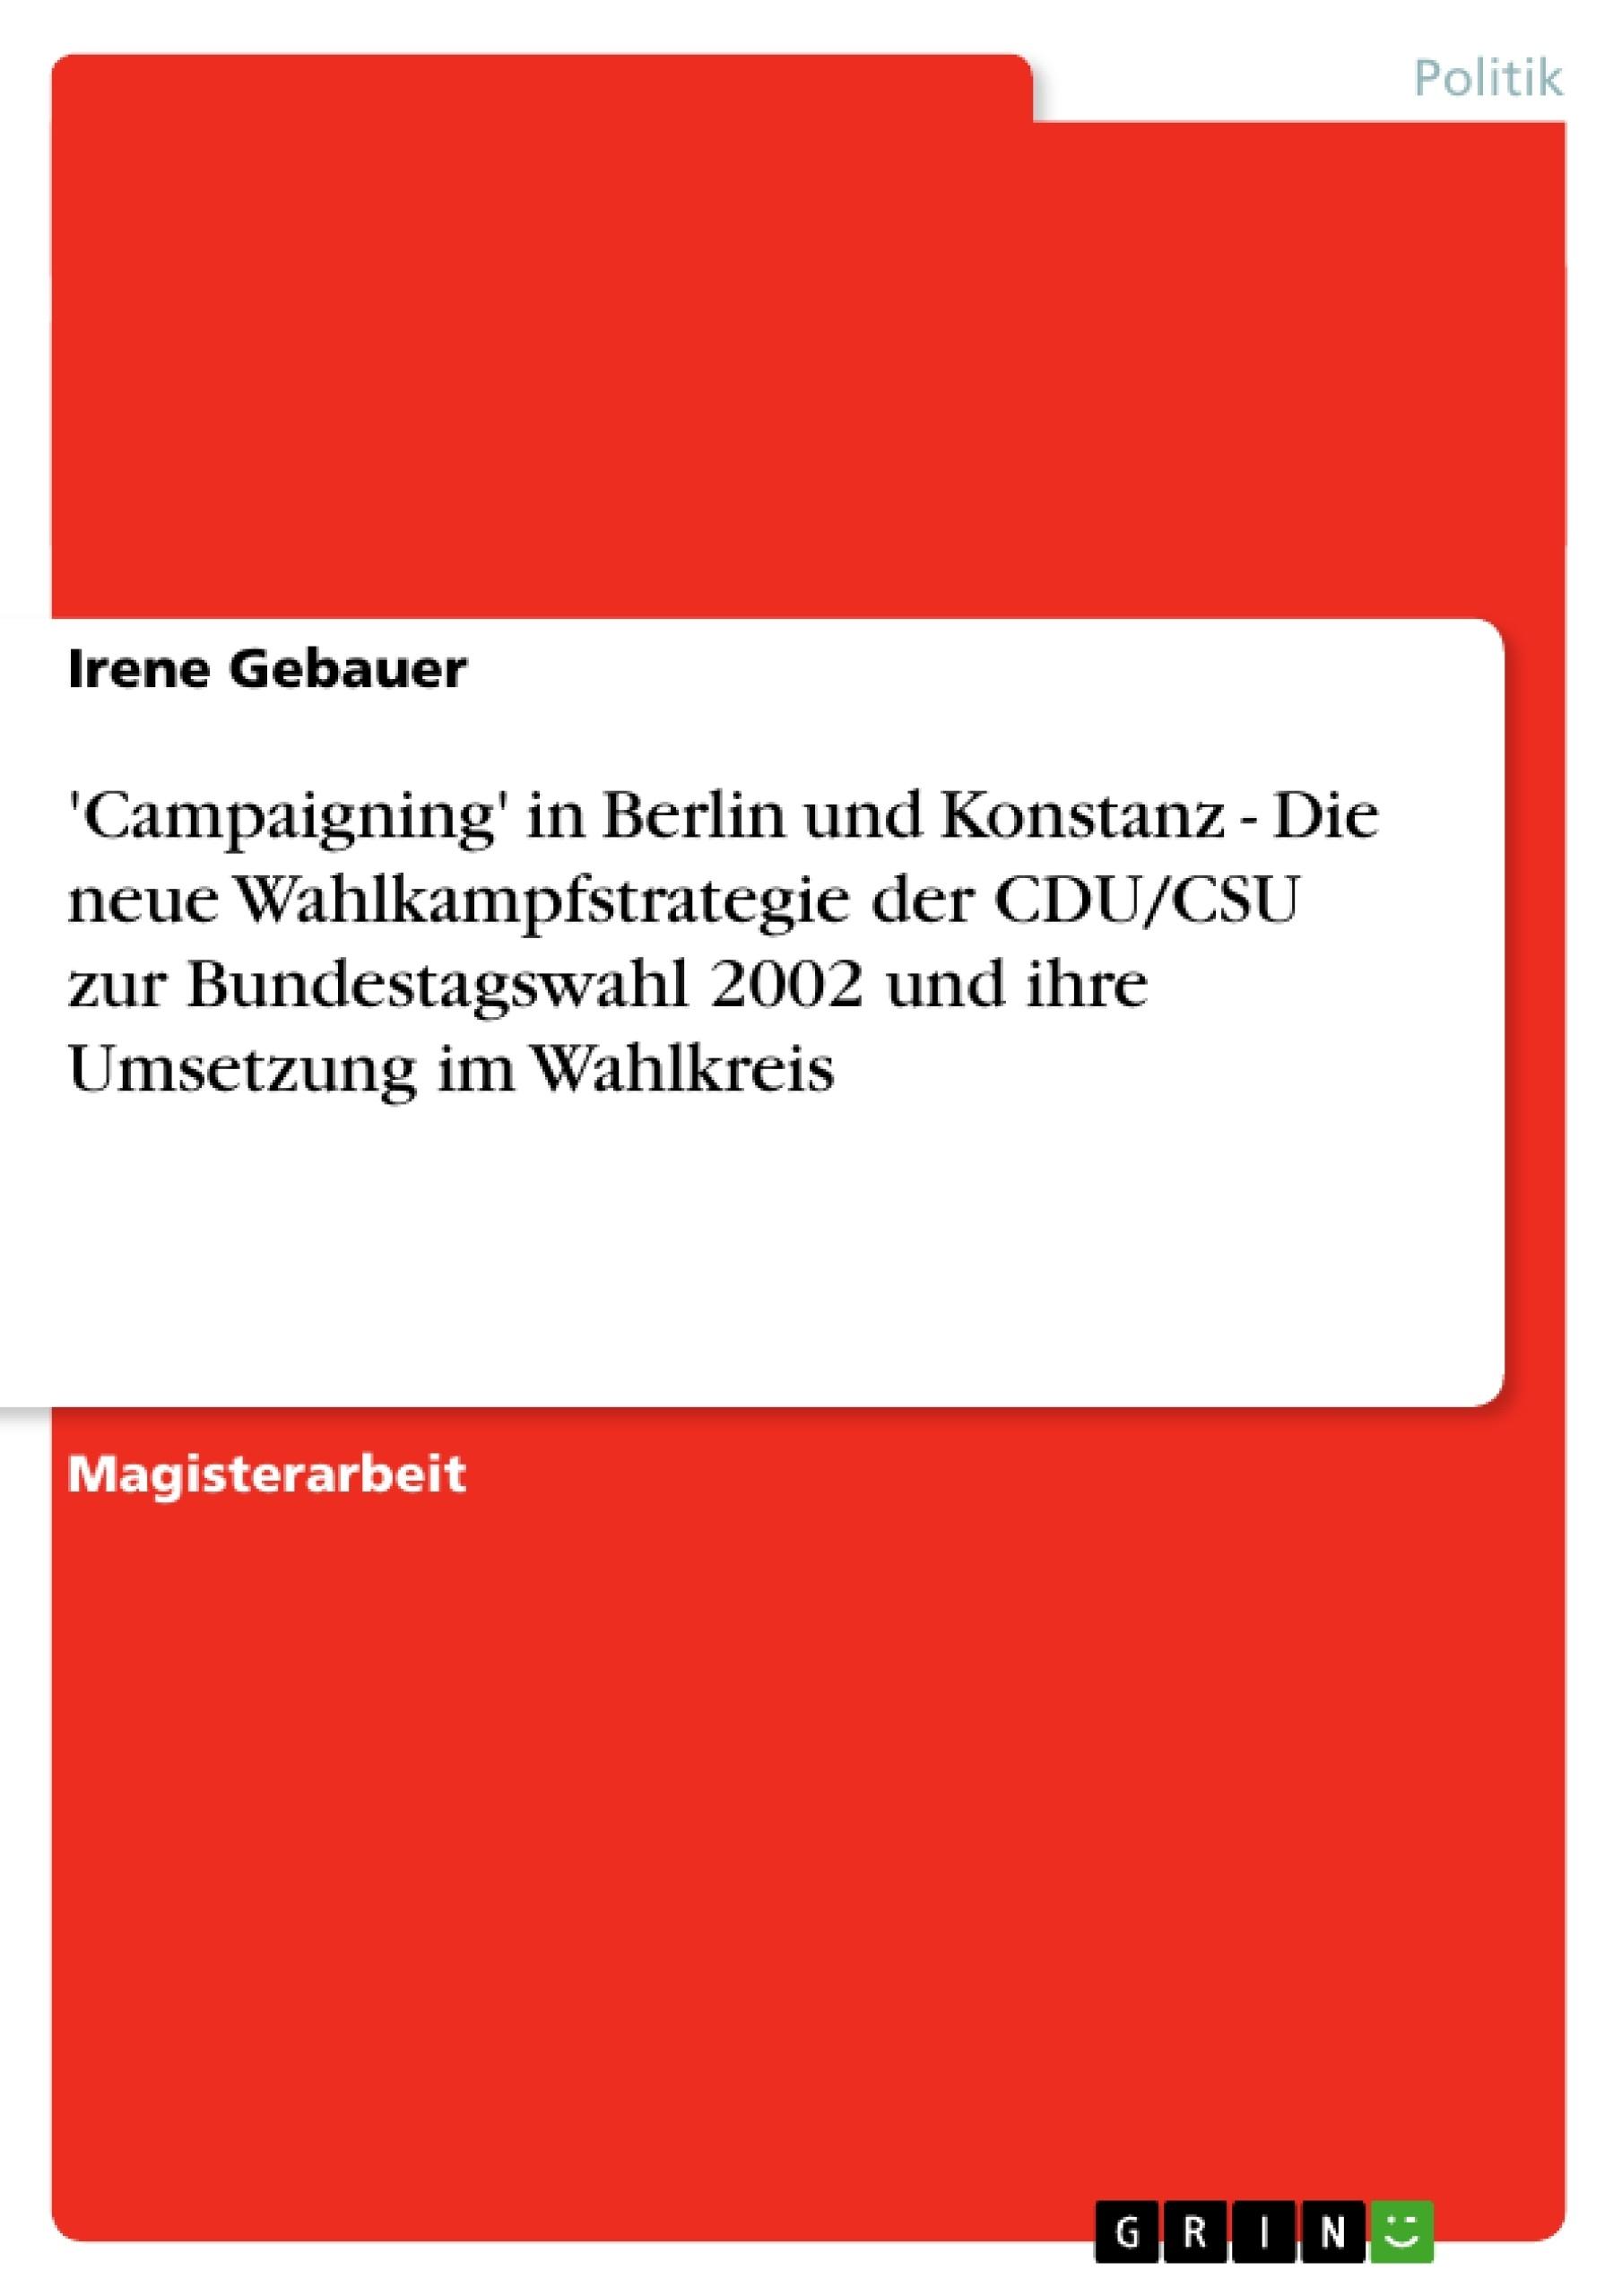 Titel: 'Campaigning' in Berlin und Konstanz - Die neue Wahlkampfstrategie der CDU/CSU zur Bundestagswahl 2002 und ihre Umsetzung im Wahlkreis